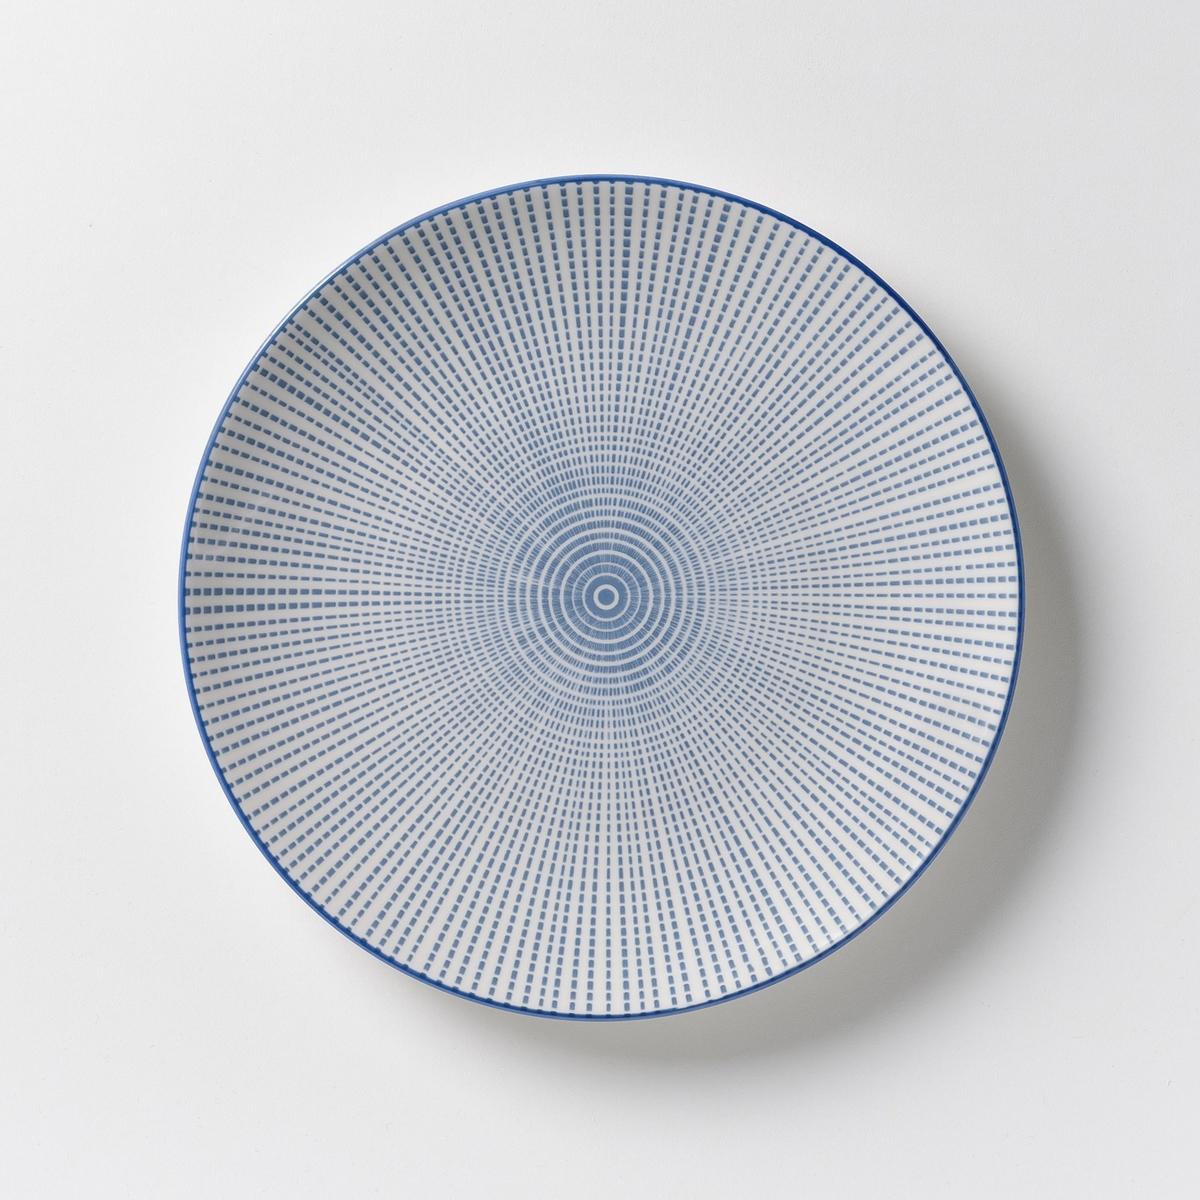 4 тарелки десертные фарфоровые Shigoni<br><br>Цвет: синий/белый,черный + белый